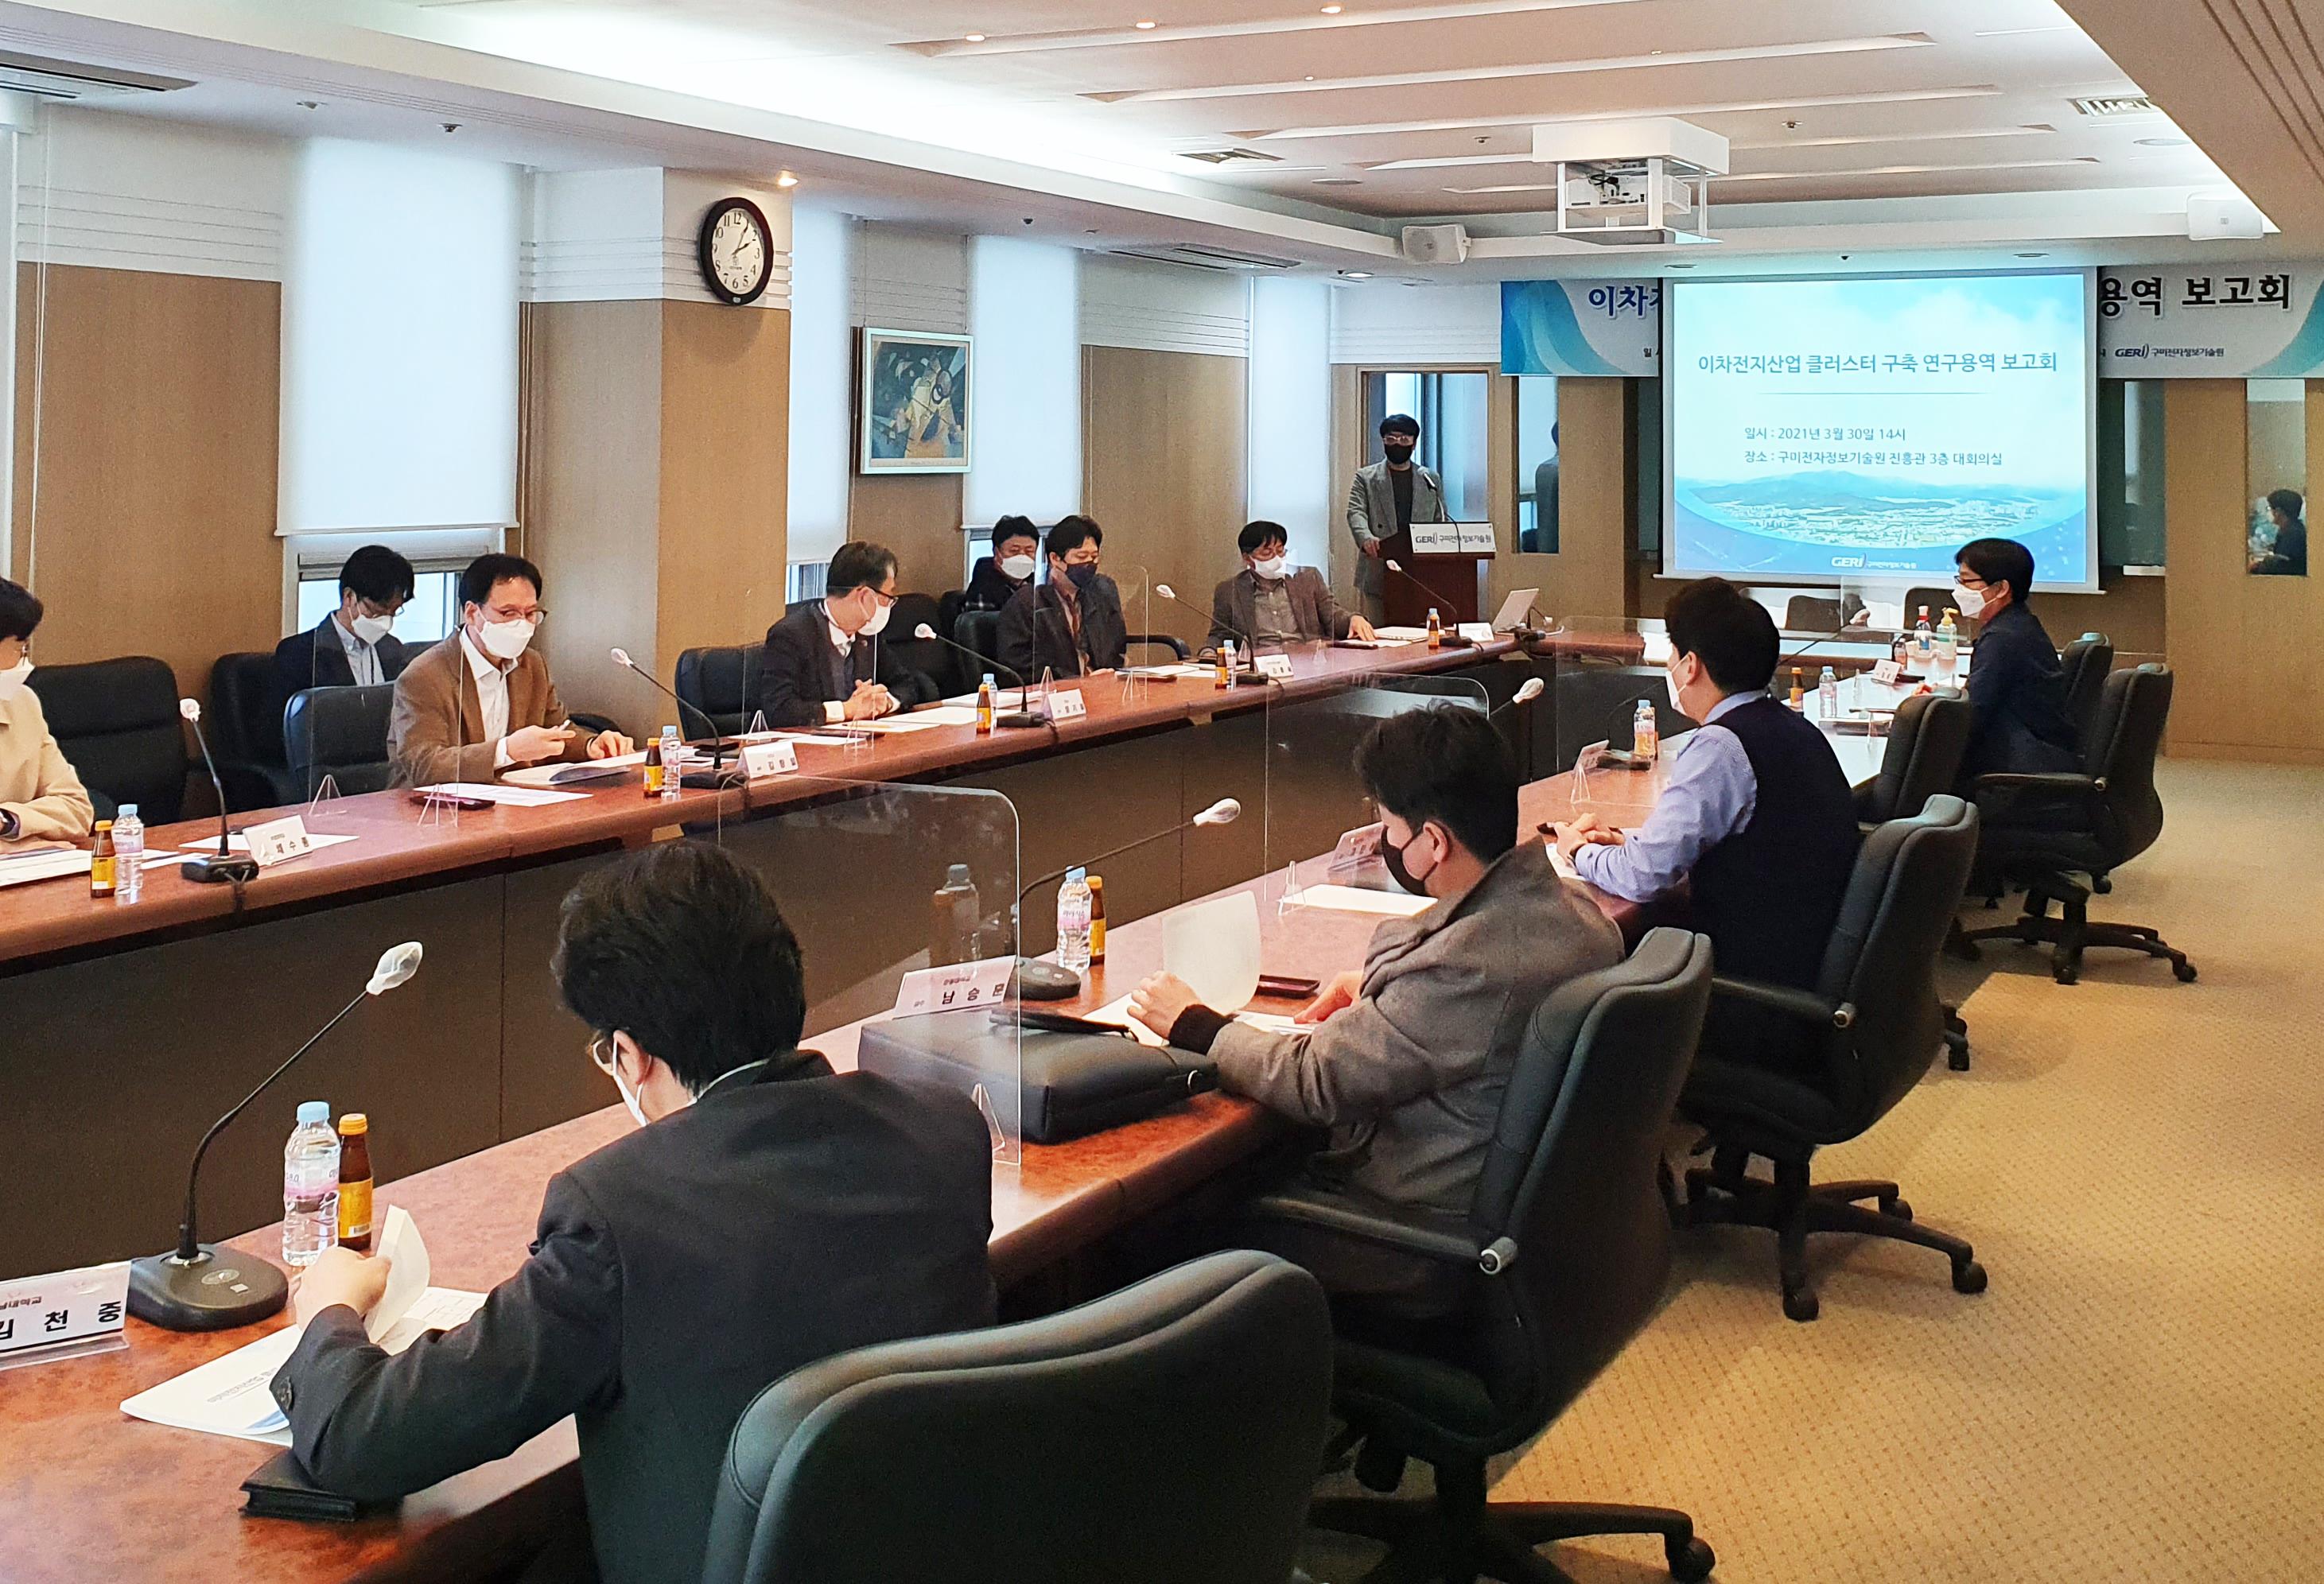 구미시, 이차전지산업 클러스터 구축 연구용역 보고회 개최